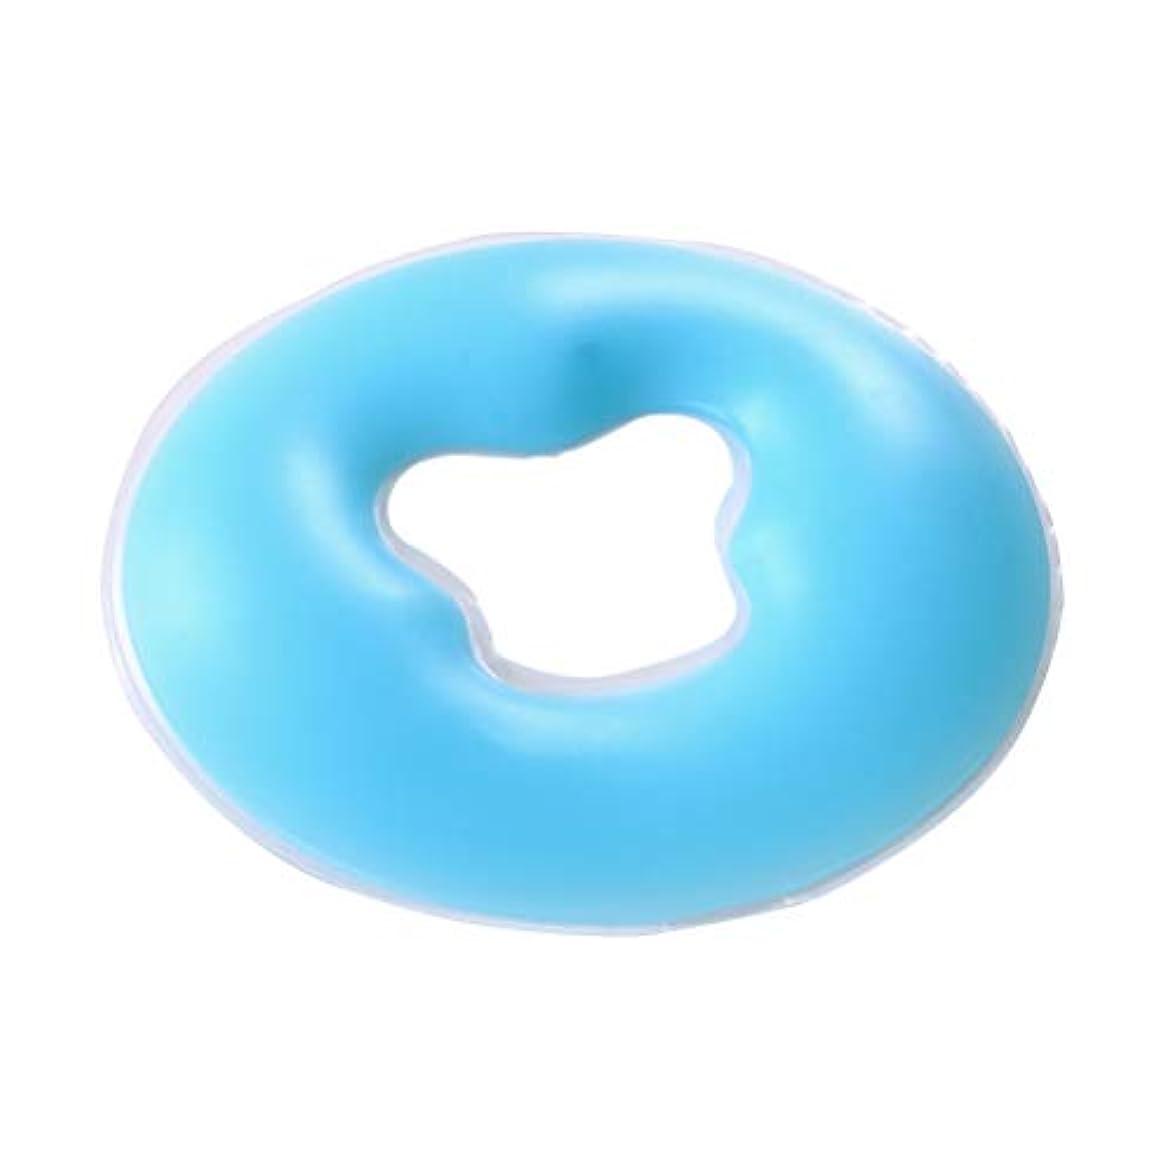 立方体忌避剤銛SUPVOX マッサージテーブルフェイスクレードル用シリコンフェイスマッサージピロースパビューティーサロンケアクッション(ブルー)